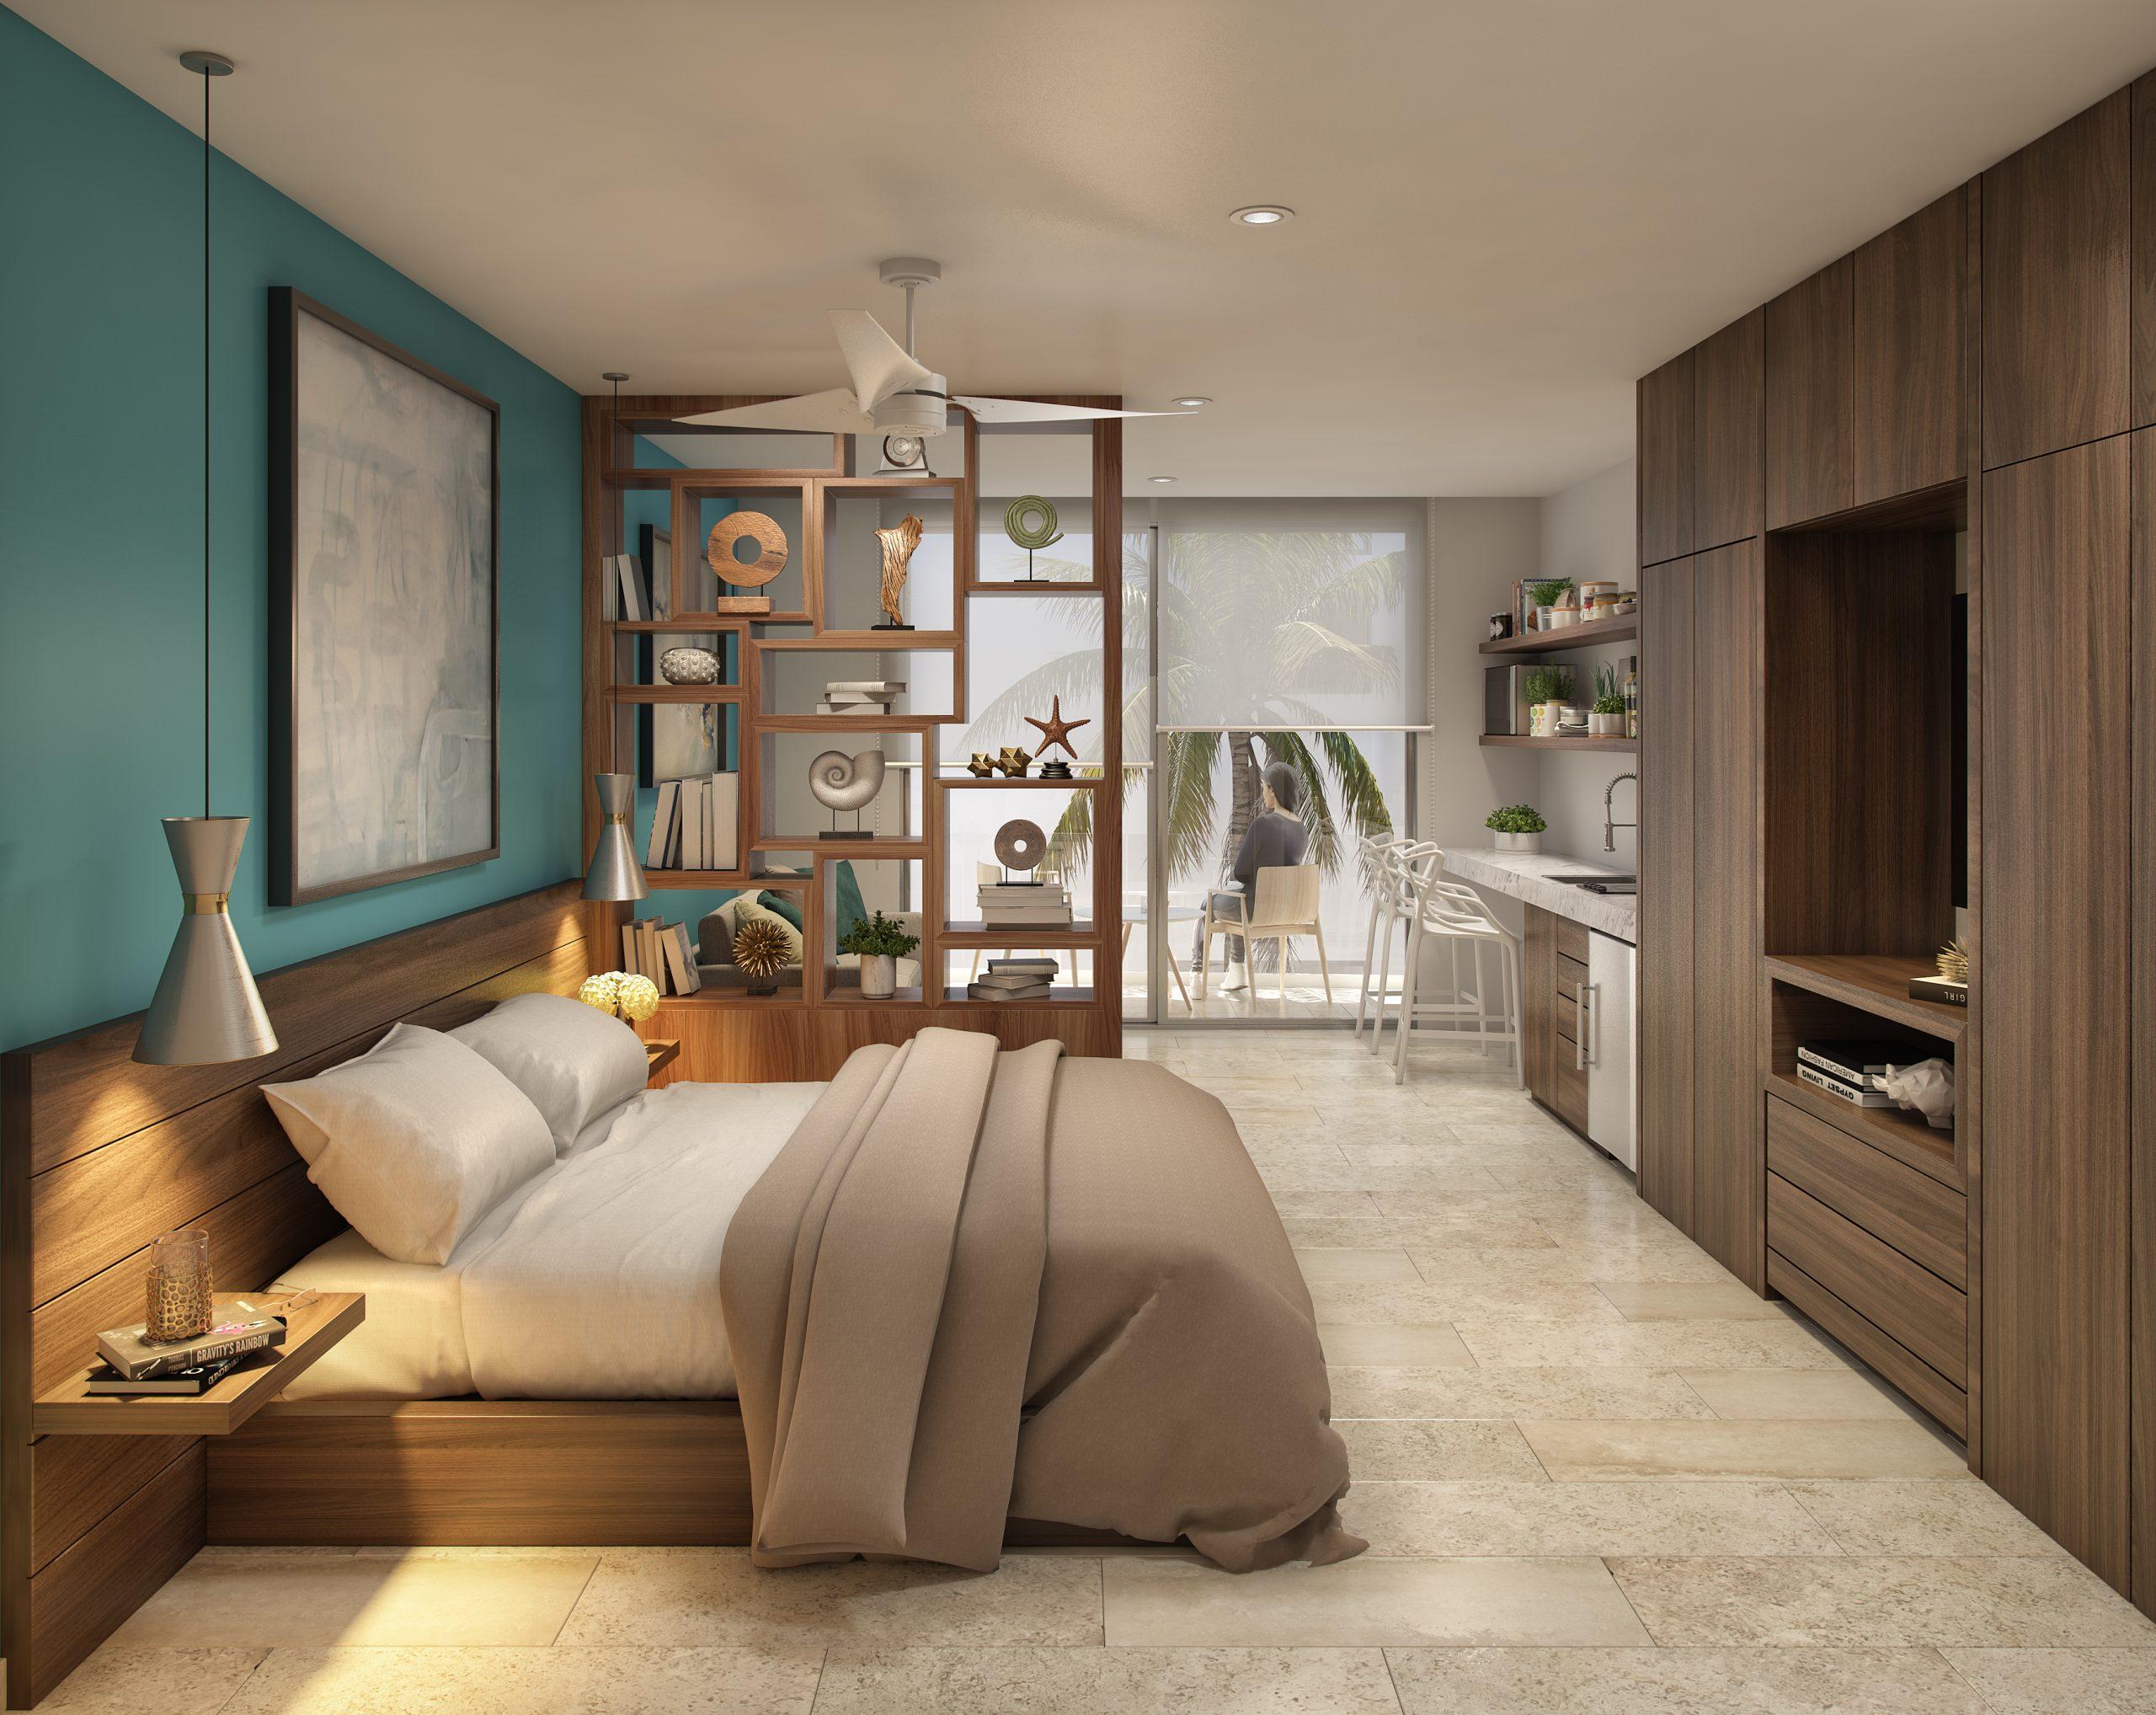 03 - DEPARTAMENTO 201 - PIEDRA AZULL - Pelicano Properties - Playa del Carmen